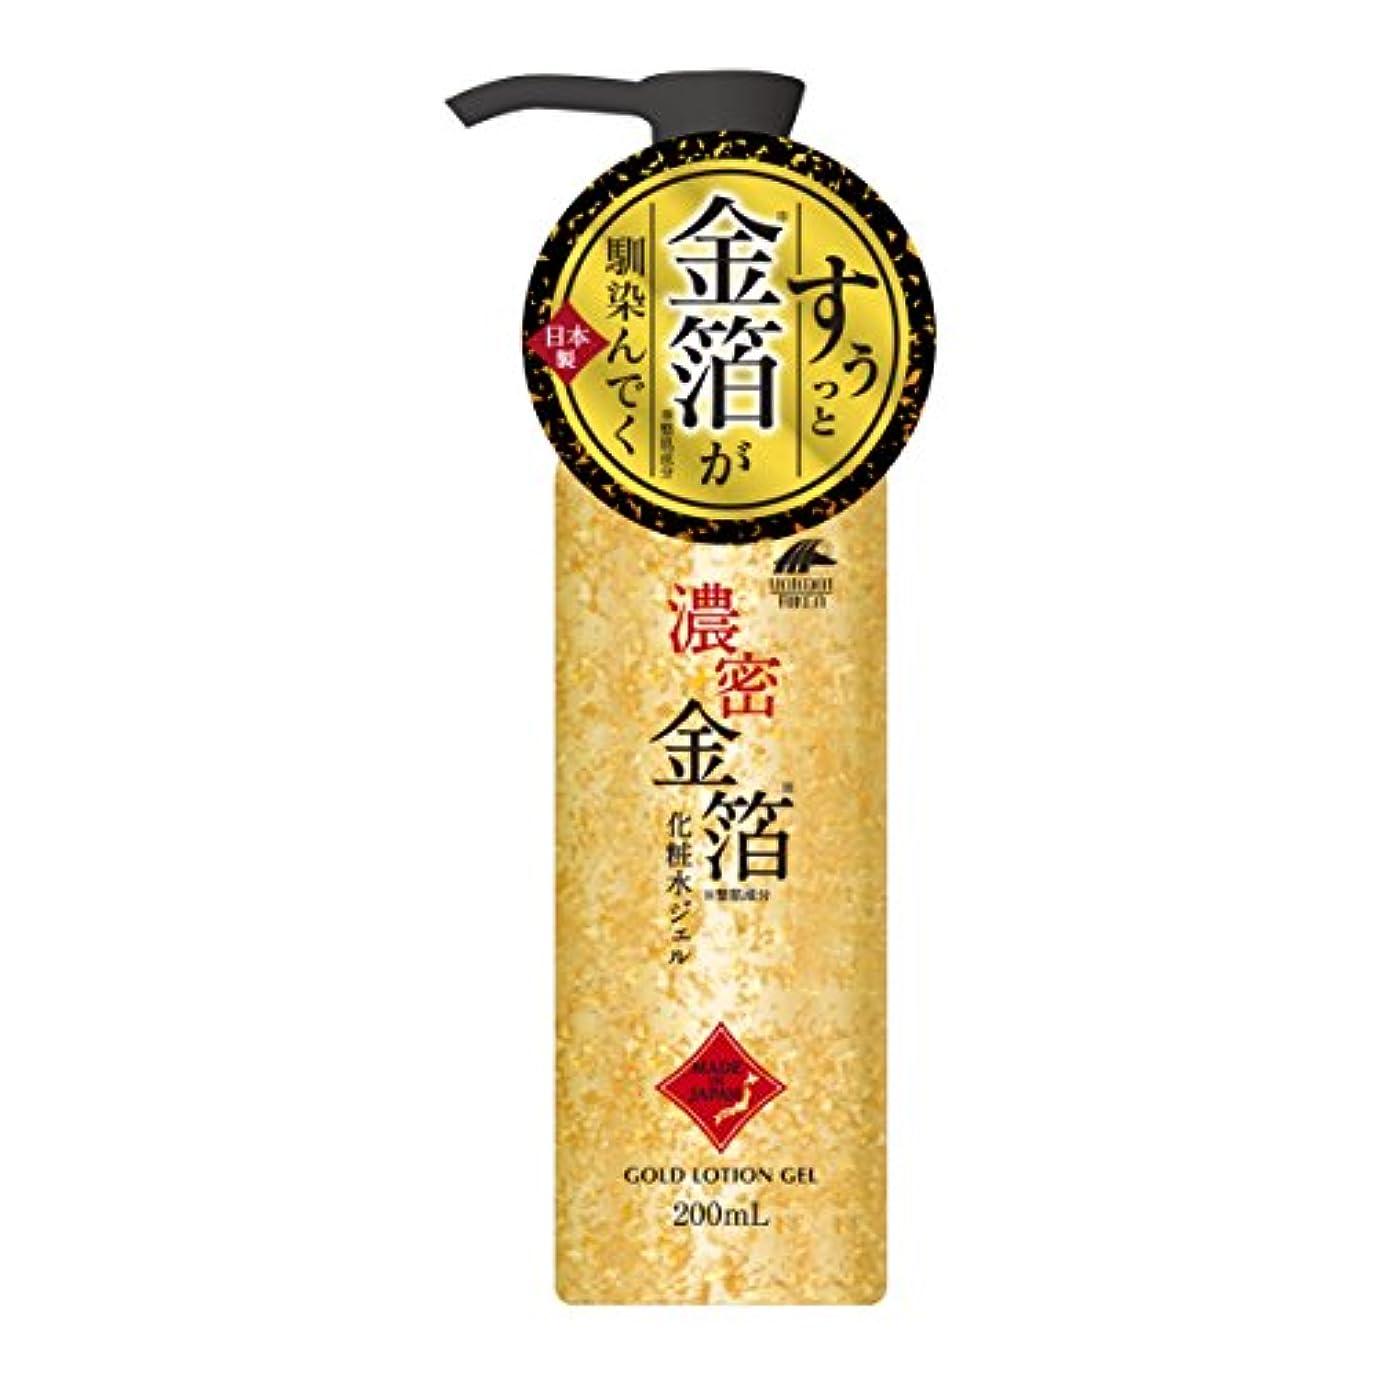 線形ストロークスローガンユニマットリケン 濃密金箔化粧水ジェル 200ml